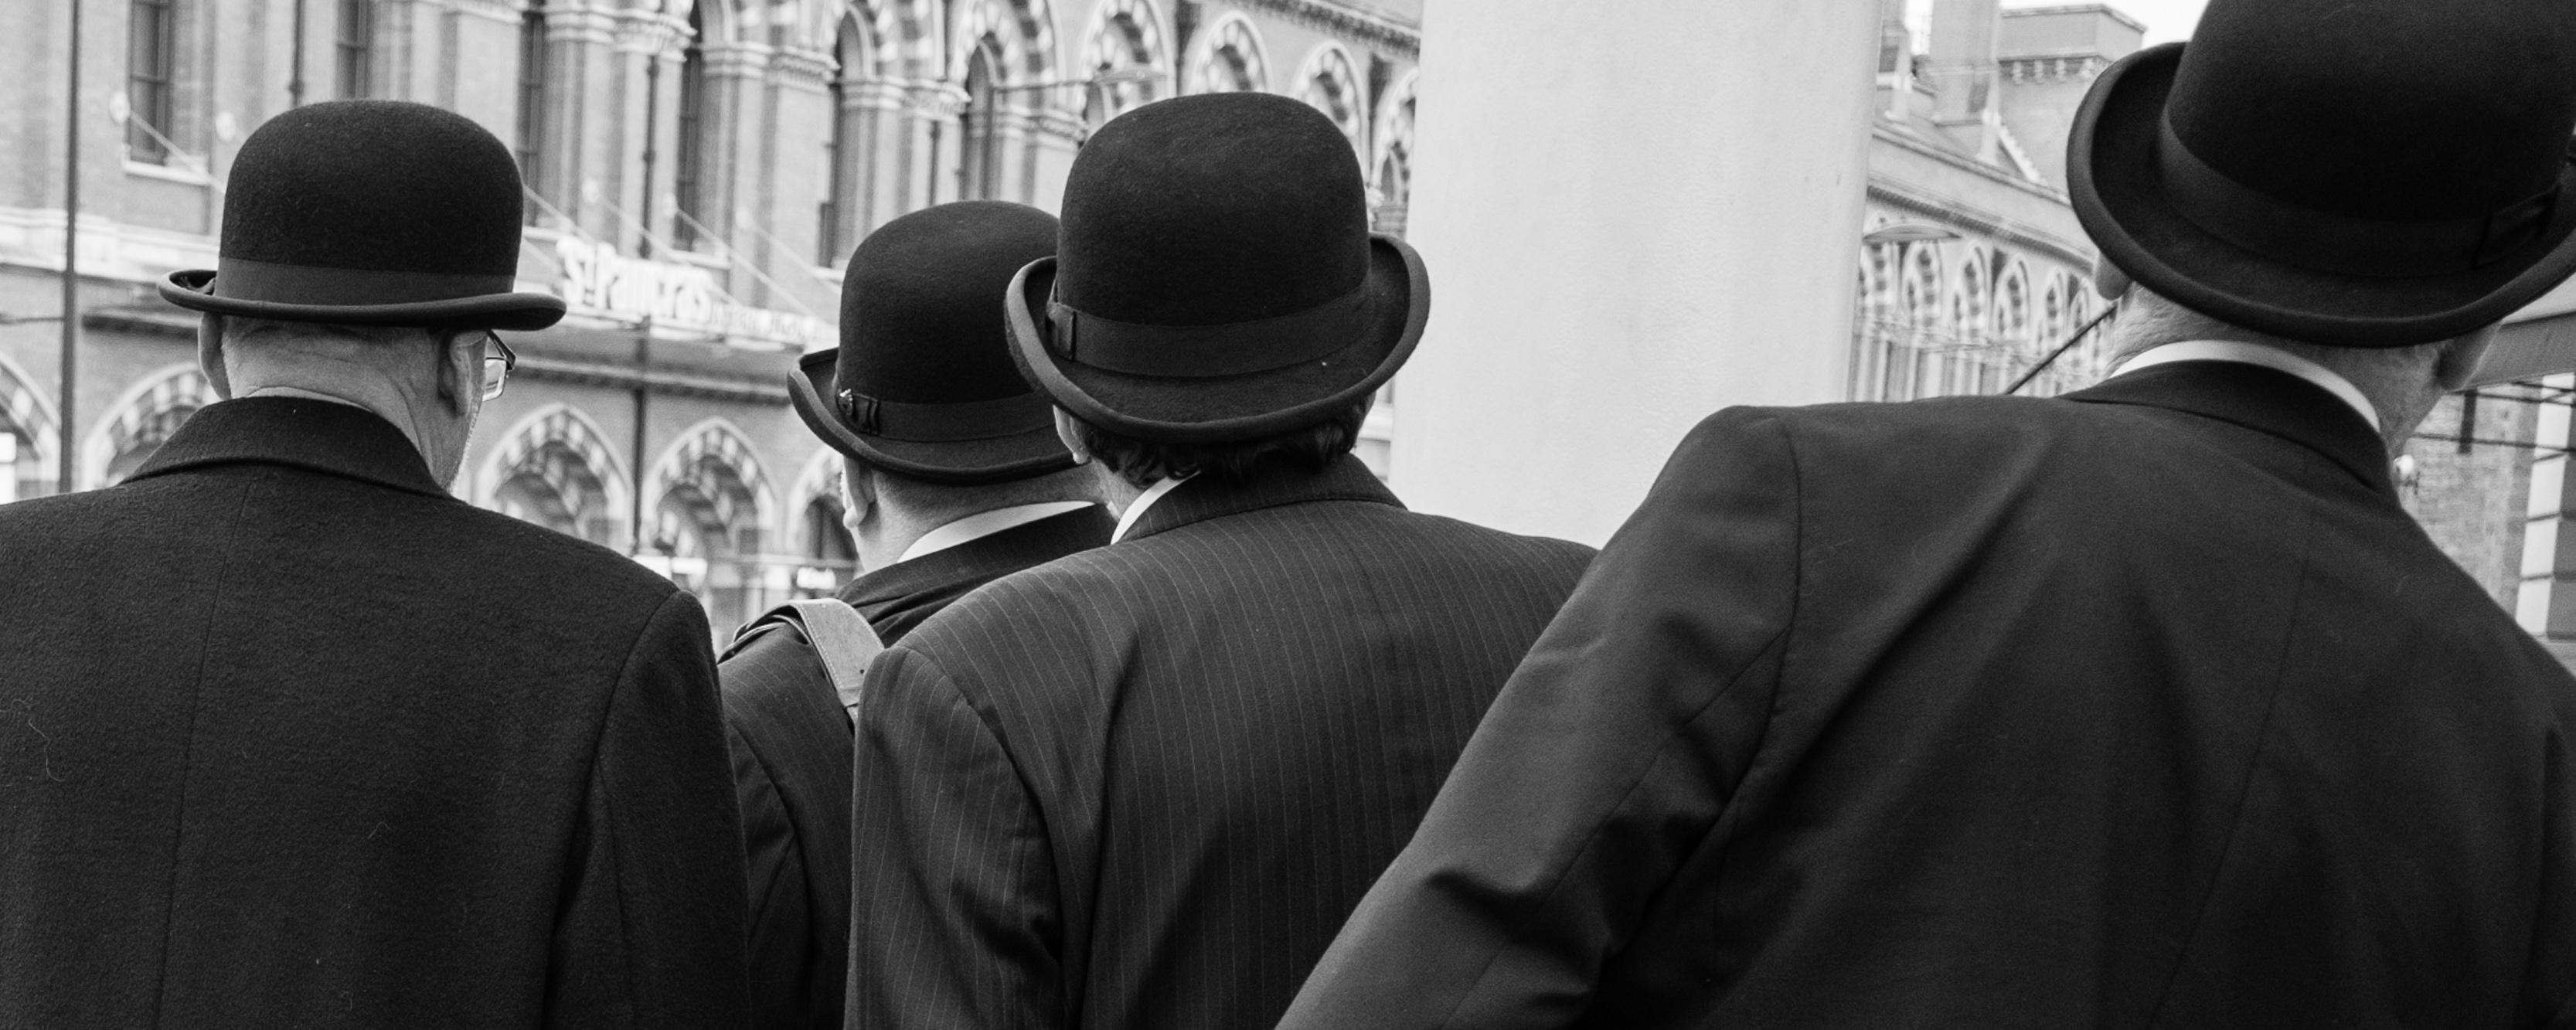 querformat-fotografie - Achim Katzberg - Mein London Foto-Wochenende - querformat-fotografie_London_Foto_Wochenende-001